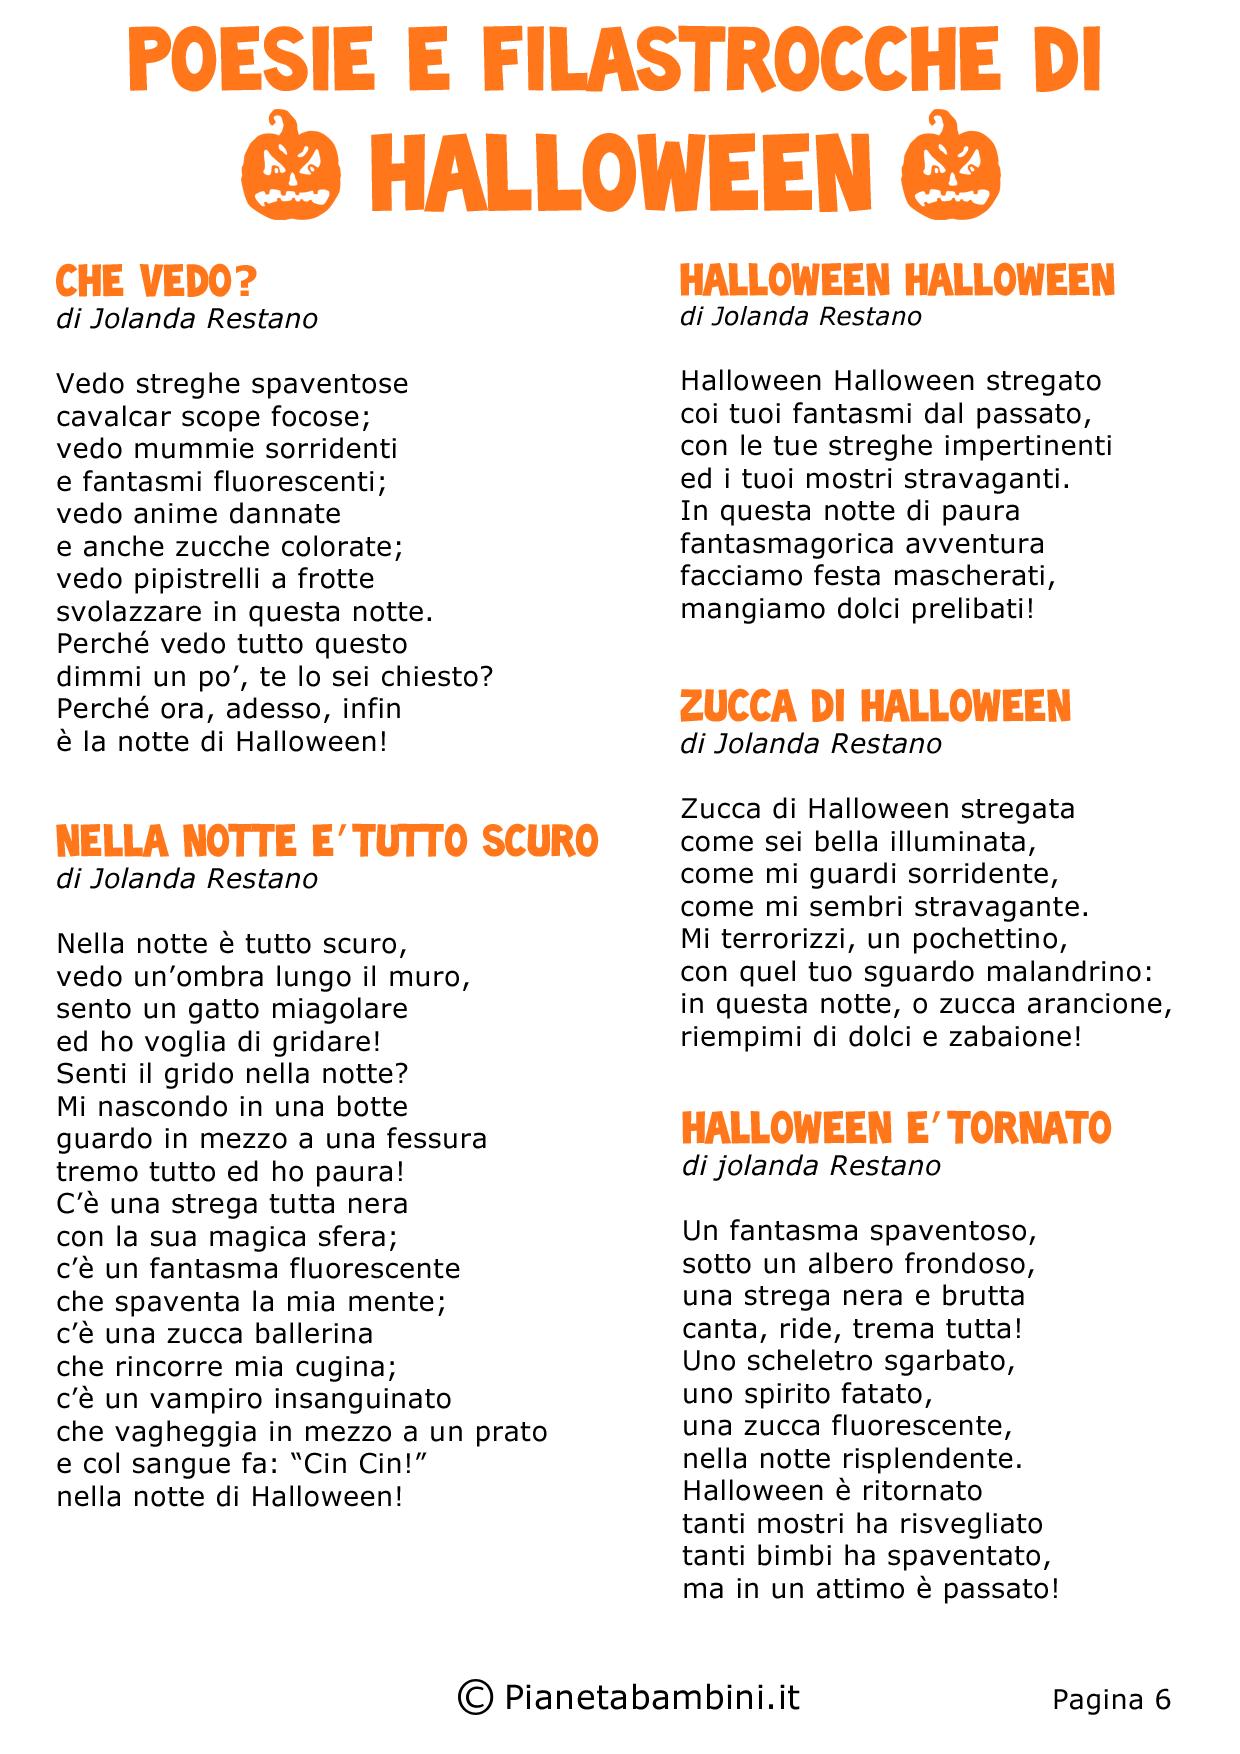 30 poesie e filastrocche di halloween per bambini - Pagine da colorare di scena di primavera ...